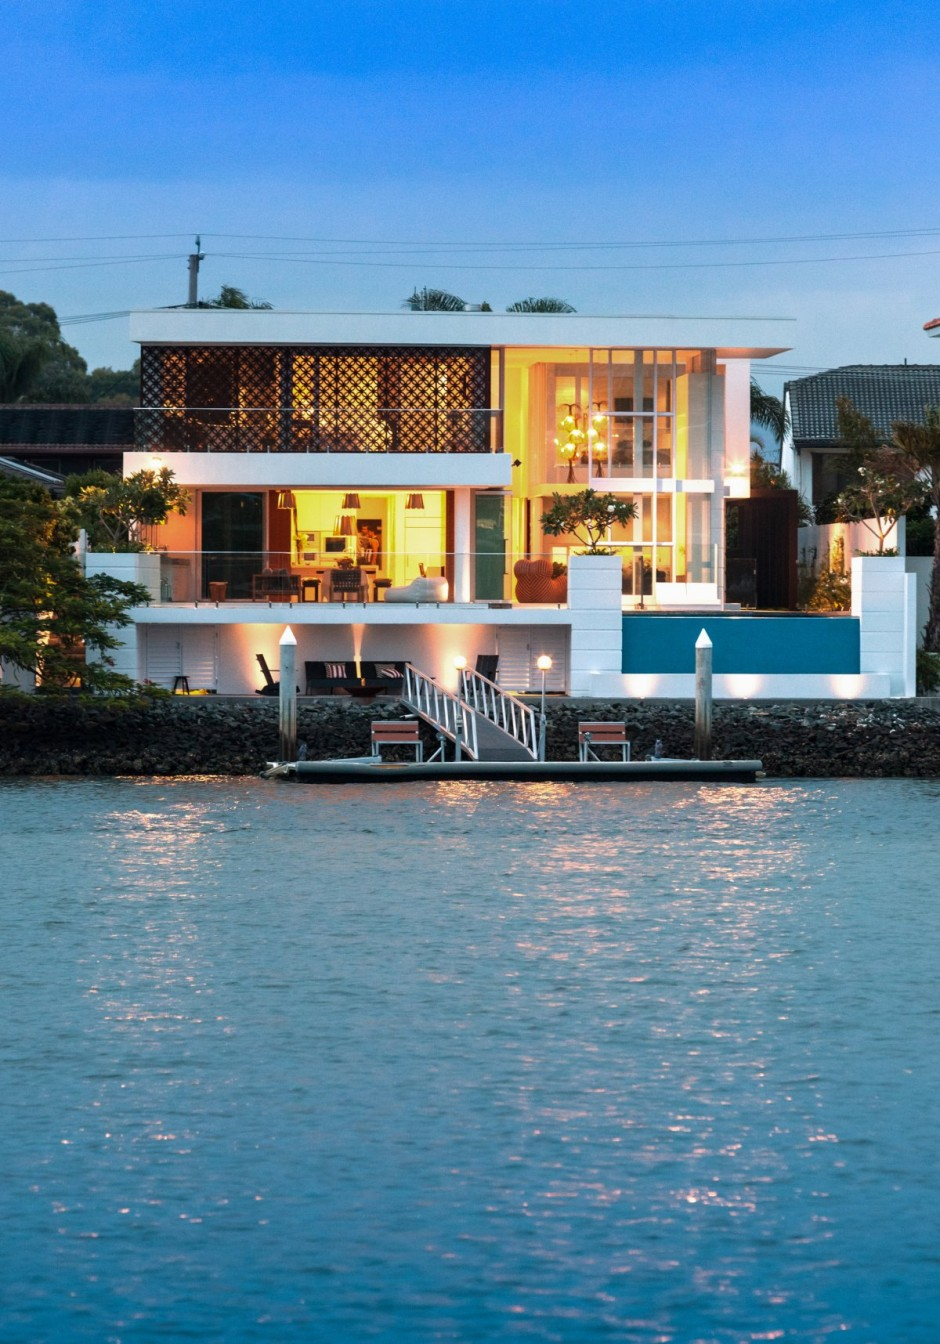 ตัวอย่างบ้านสวยสไตล์รีสอร์ท